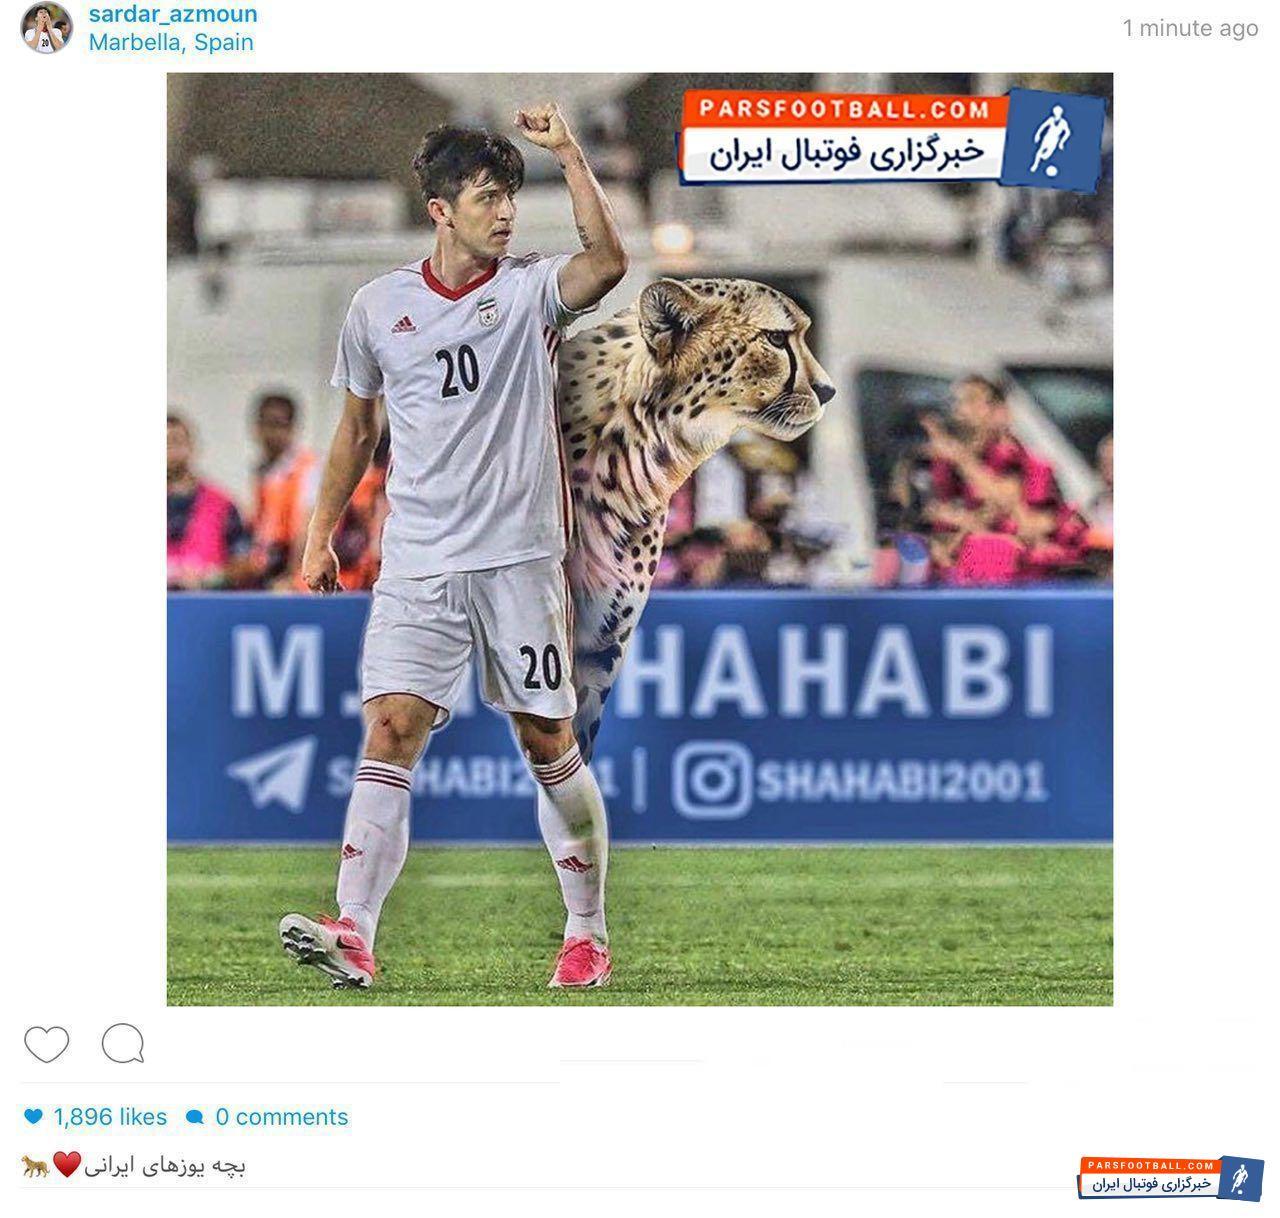 پس از به پایان رسیدن بازی نمایندگان ایران در لیگ قهرمانان آسیا سردار آزمون در پستی اینستاگرامى به تشویق و حمایت بازیکنان پرداخت